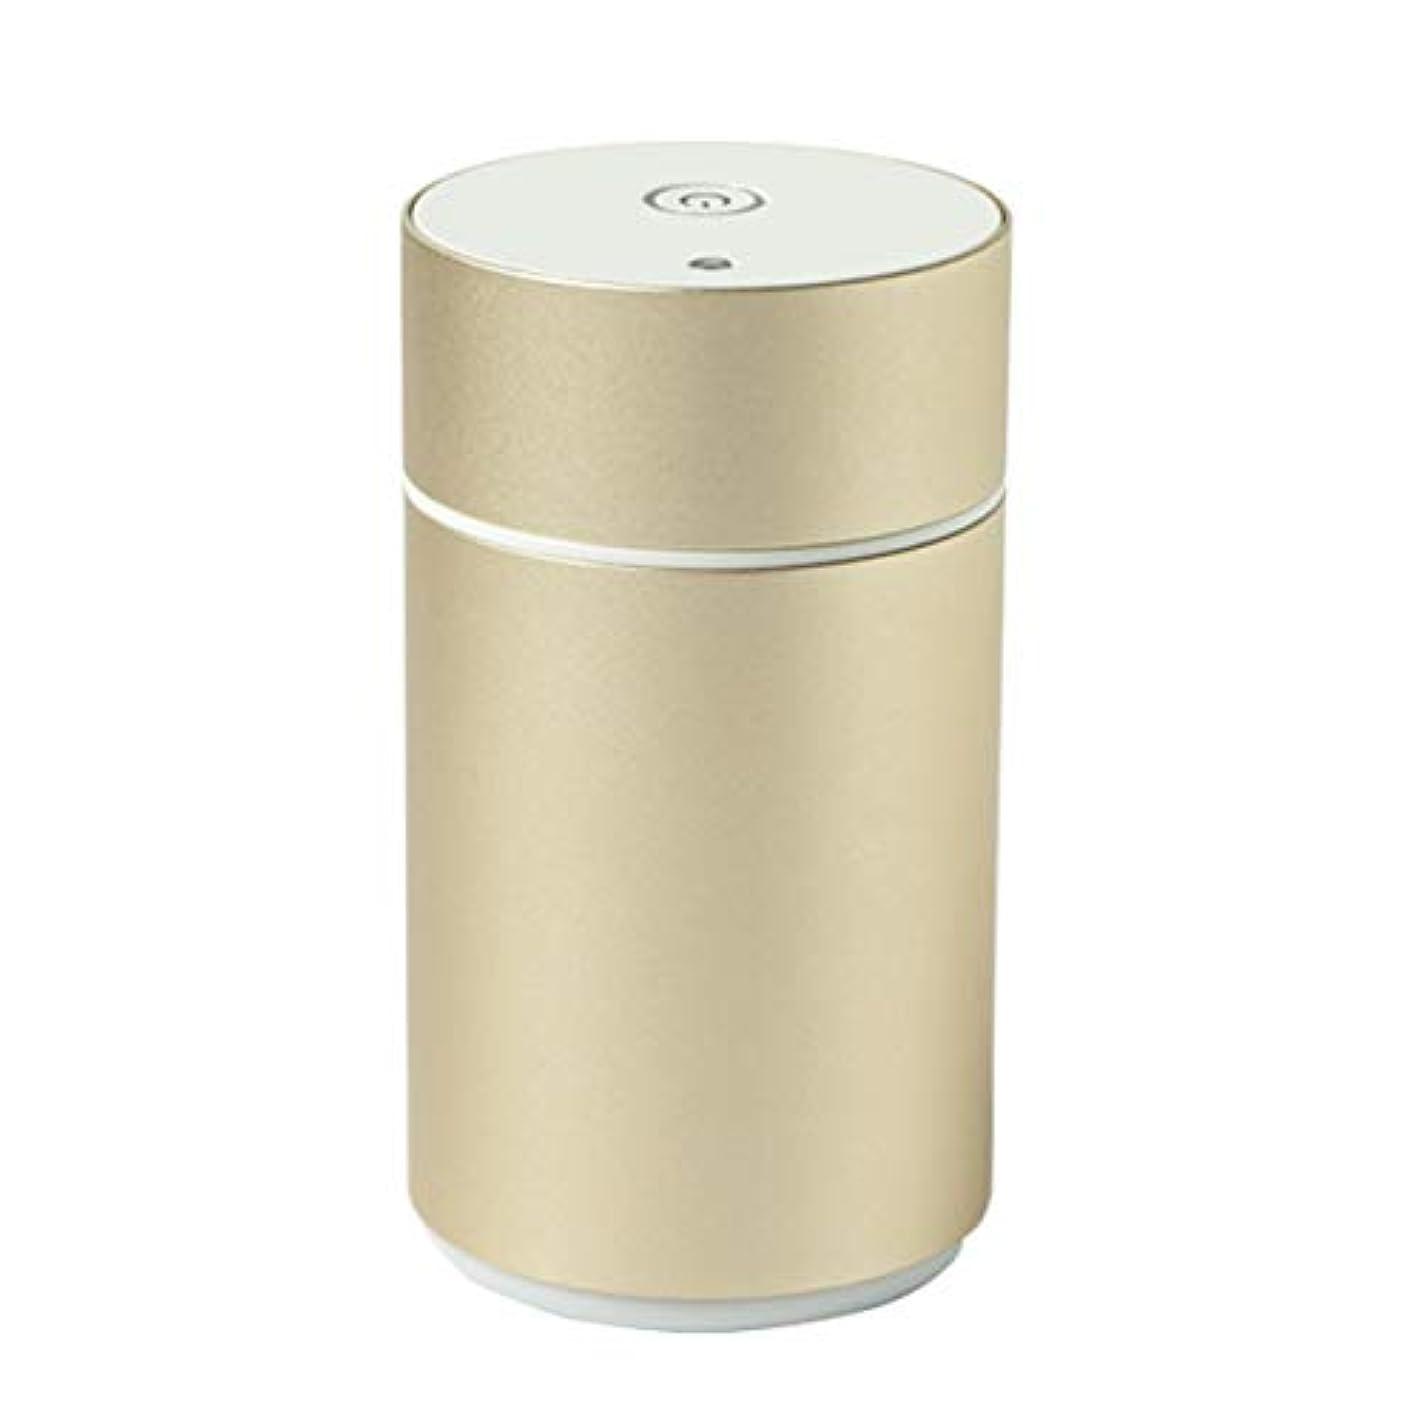 羊の砦夜明け生活の木 アロモア ミニ ゴールド (aromore mini gold) (エッセンシャルオイルディフューザー) (圧縮微粒子式アロマディフューザー)